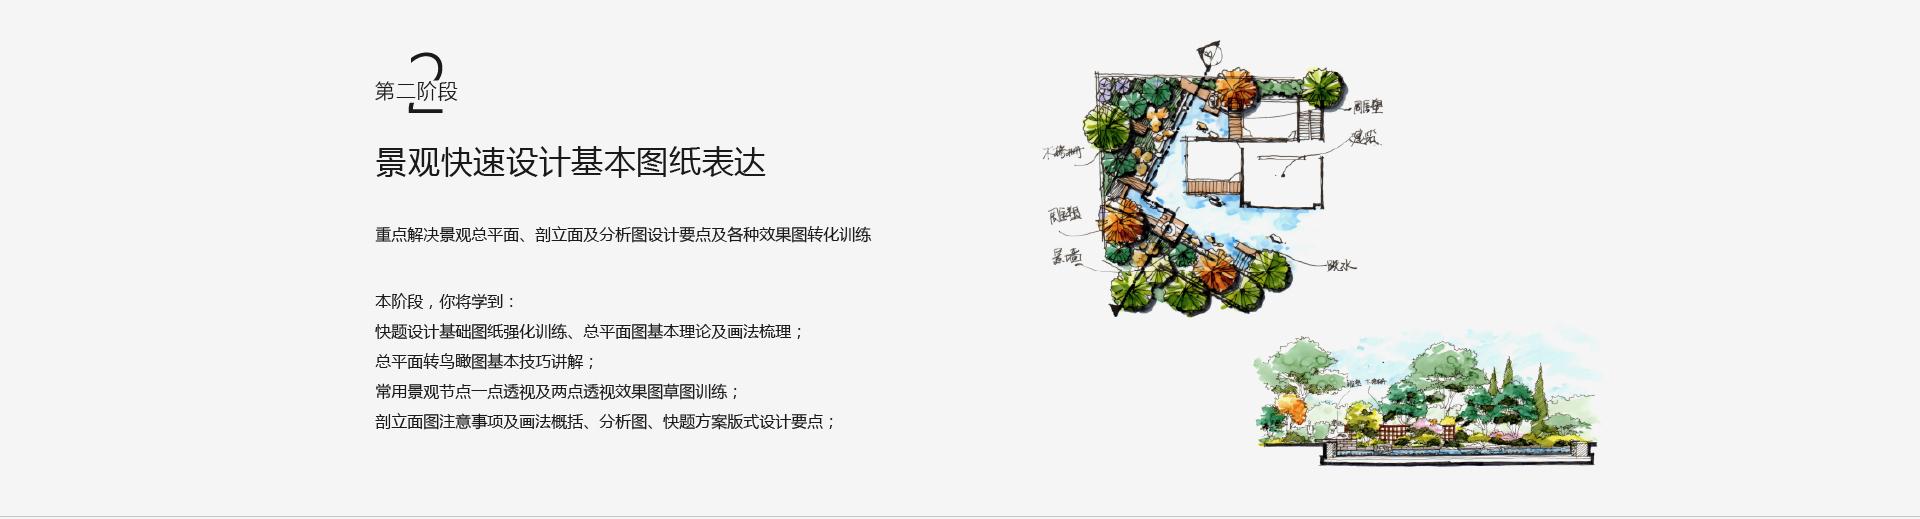 景观快题_06.jpg